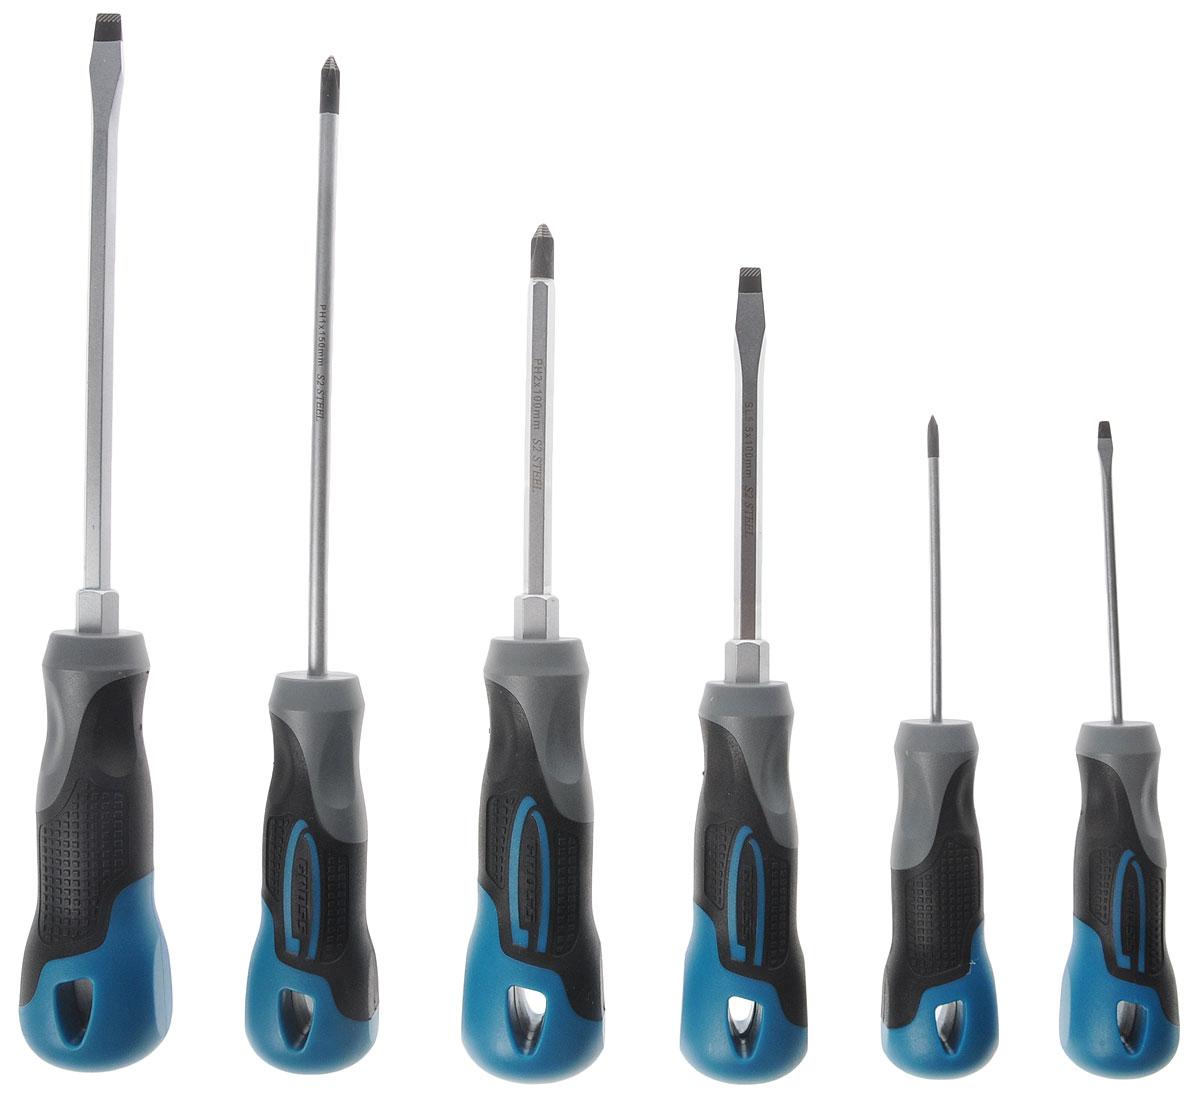 Набор отверток Gross, 6 штCA-3505Отвертки торговой марки Gross изготовлены из высококачественной инструментальной стали S2, имеют намагниченный наконечник.Предназначены отвертки для монтажа/демонтажа резьбовых соединений с типом шлица: SL3.0, SL5.5, SL6.5 (плоская отвертка) и PH0, PH1, PH2 (крестовая отвертка).Стержни закалены индукционными токами и покрыты хромовым защитным слоем.Эргономичные трехкомпонентные рукоятки изготовлены методом цельного литья, что придает прочность сцепления стержня и рукоятки.У основания рукояток имеется шестигранные выступы для работы с гаечным ключом на 10 мм.Упакованы отвертки в подвесную ламинированную коробку, удобную для размещения на стенде.